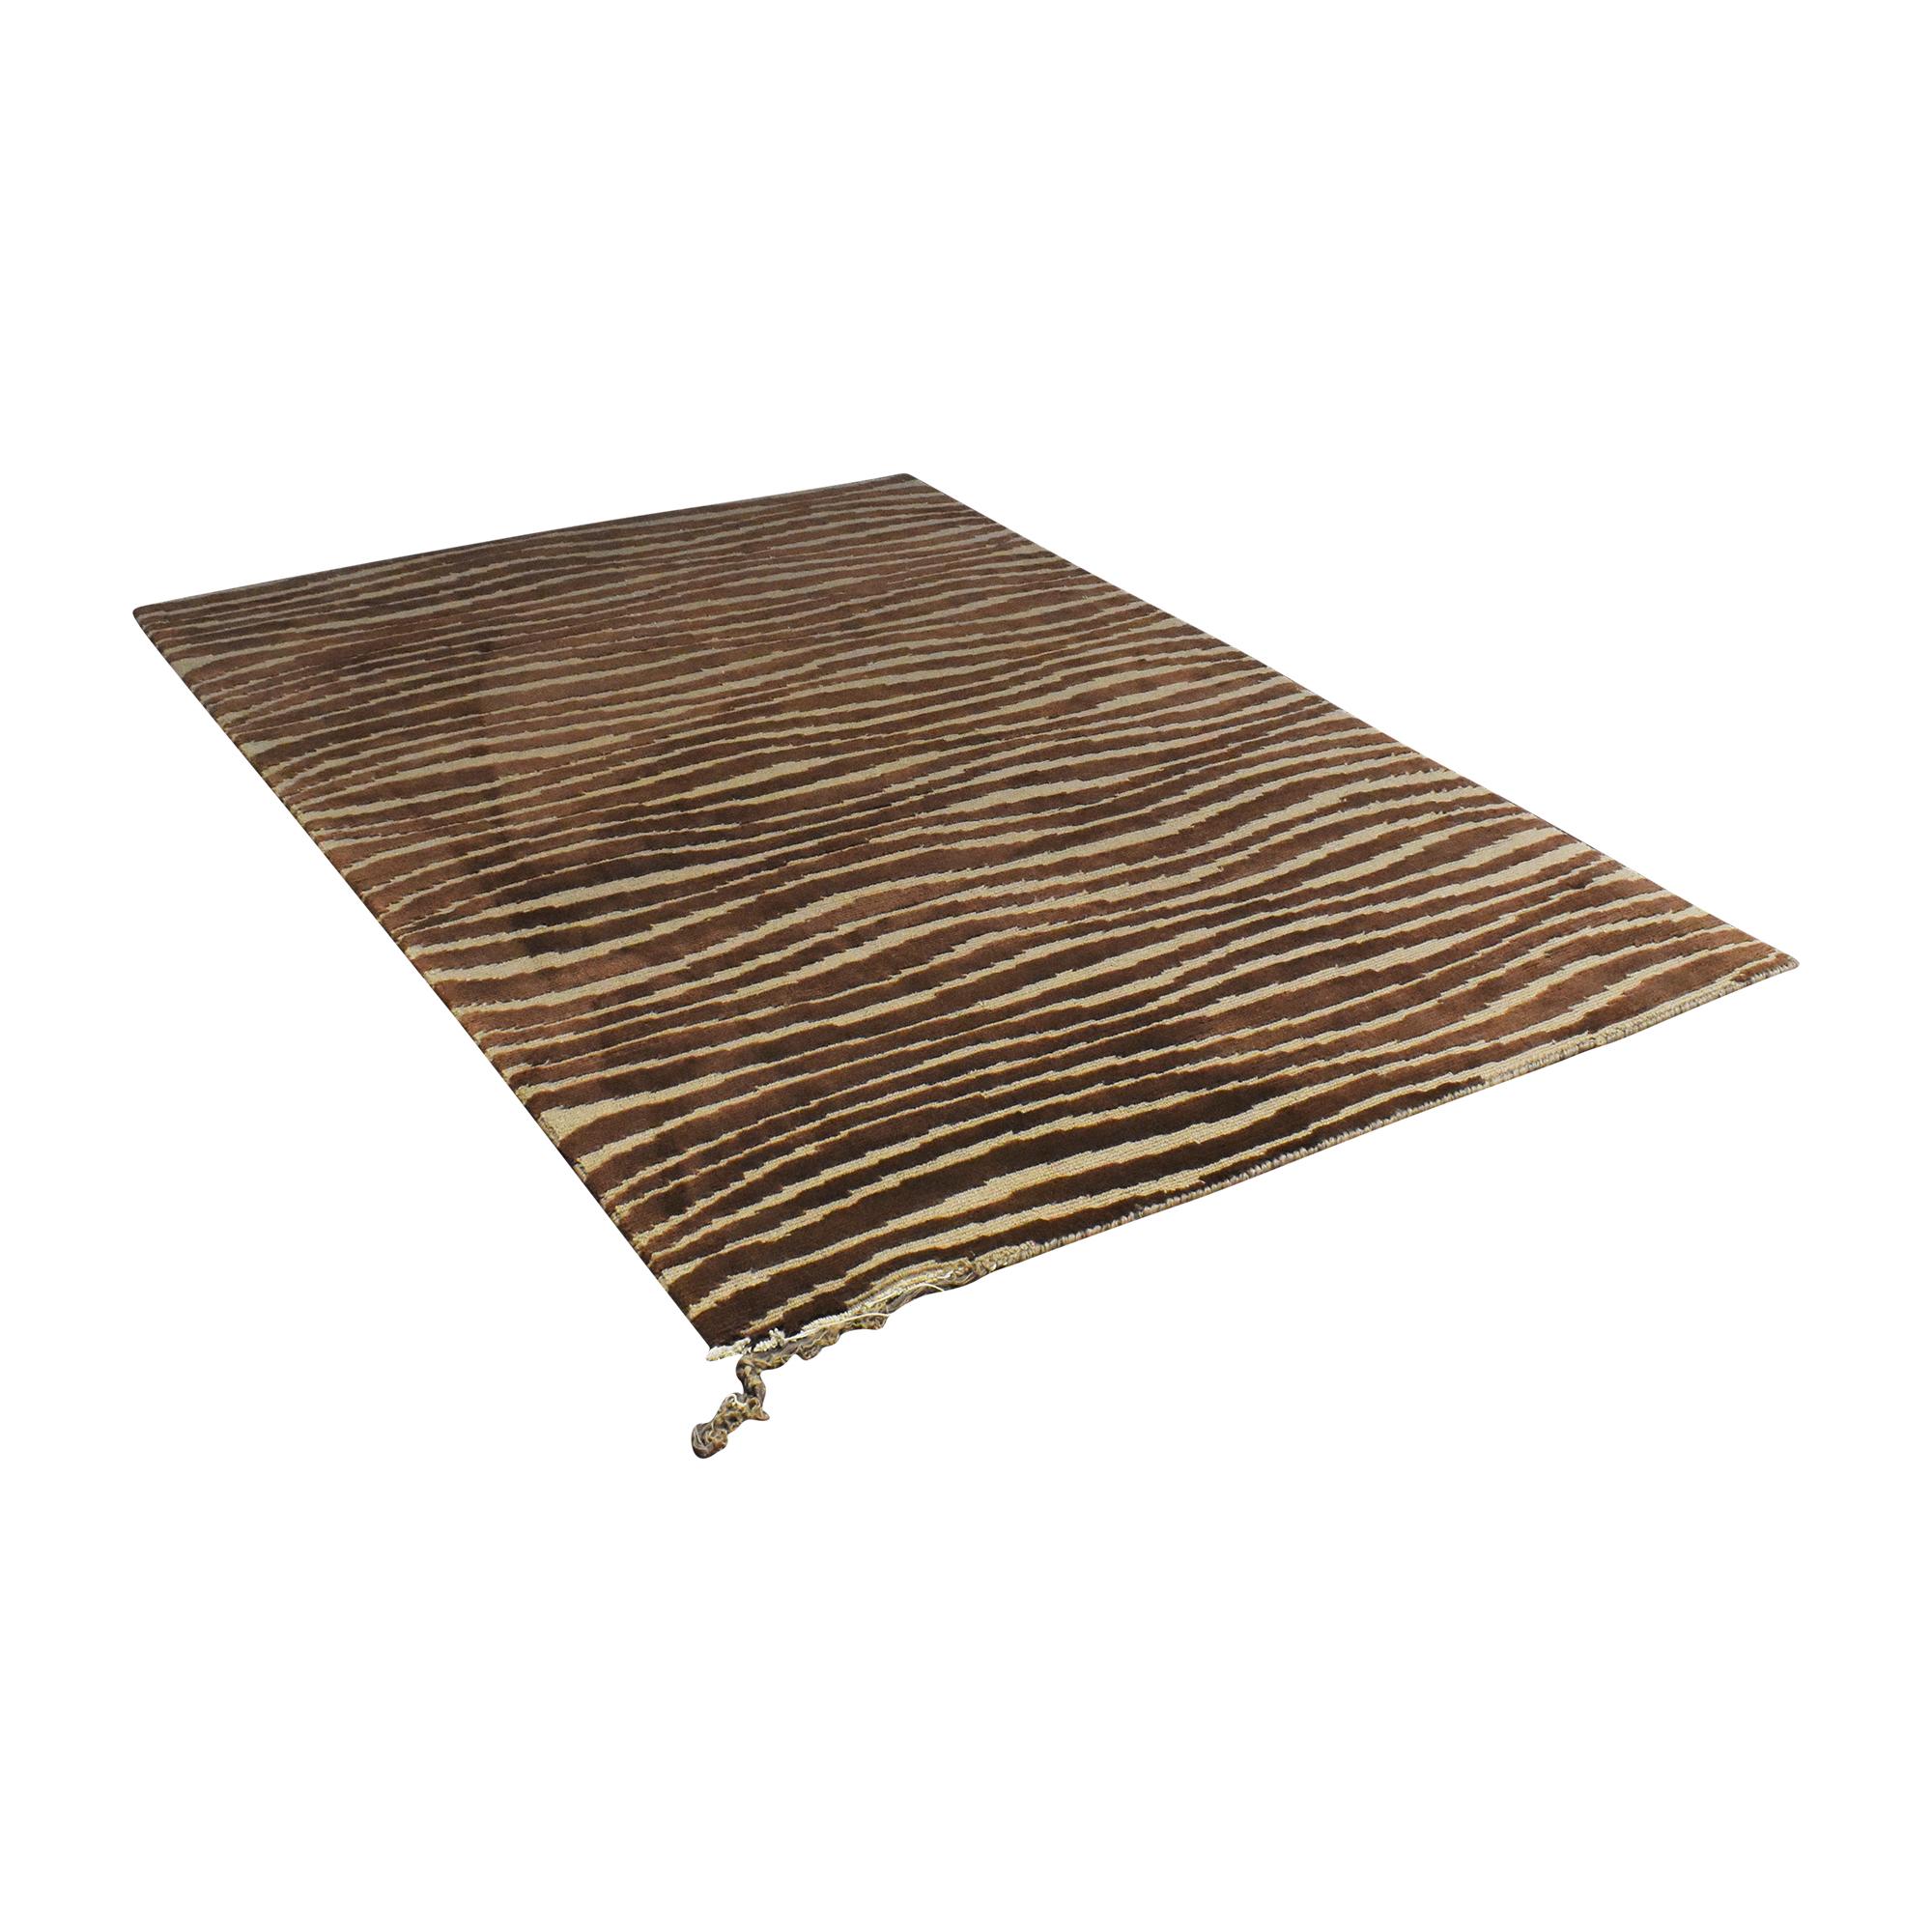 buy ABC Carpet & Home Striped Area Rug ABC Carpet & Home Decor